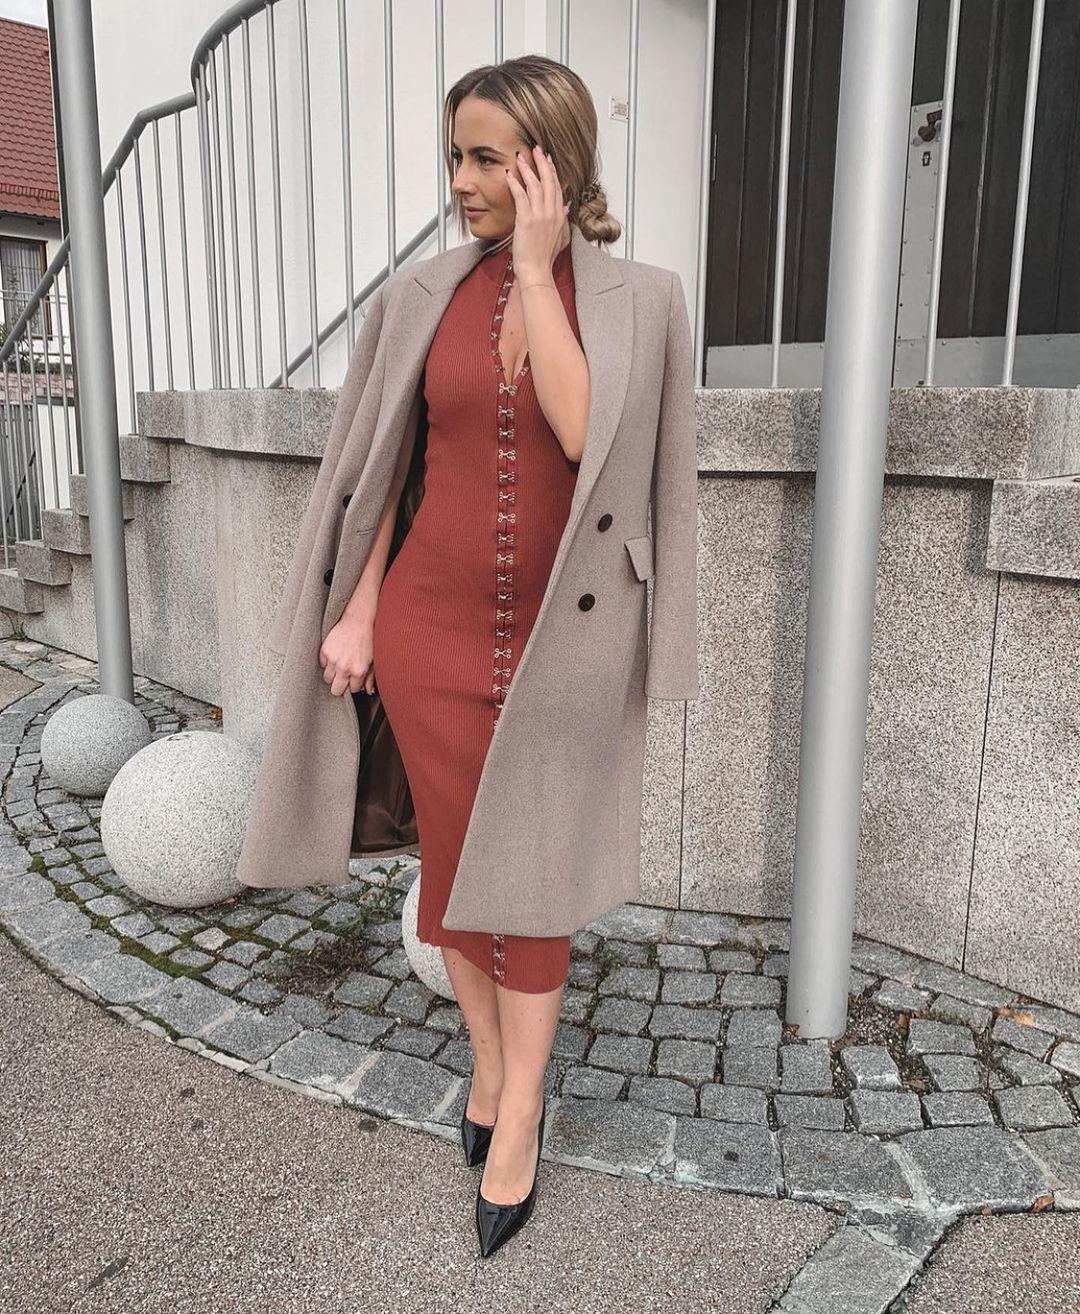 staple knit dress de Zara sur zarastreetstyle